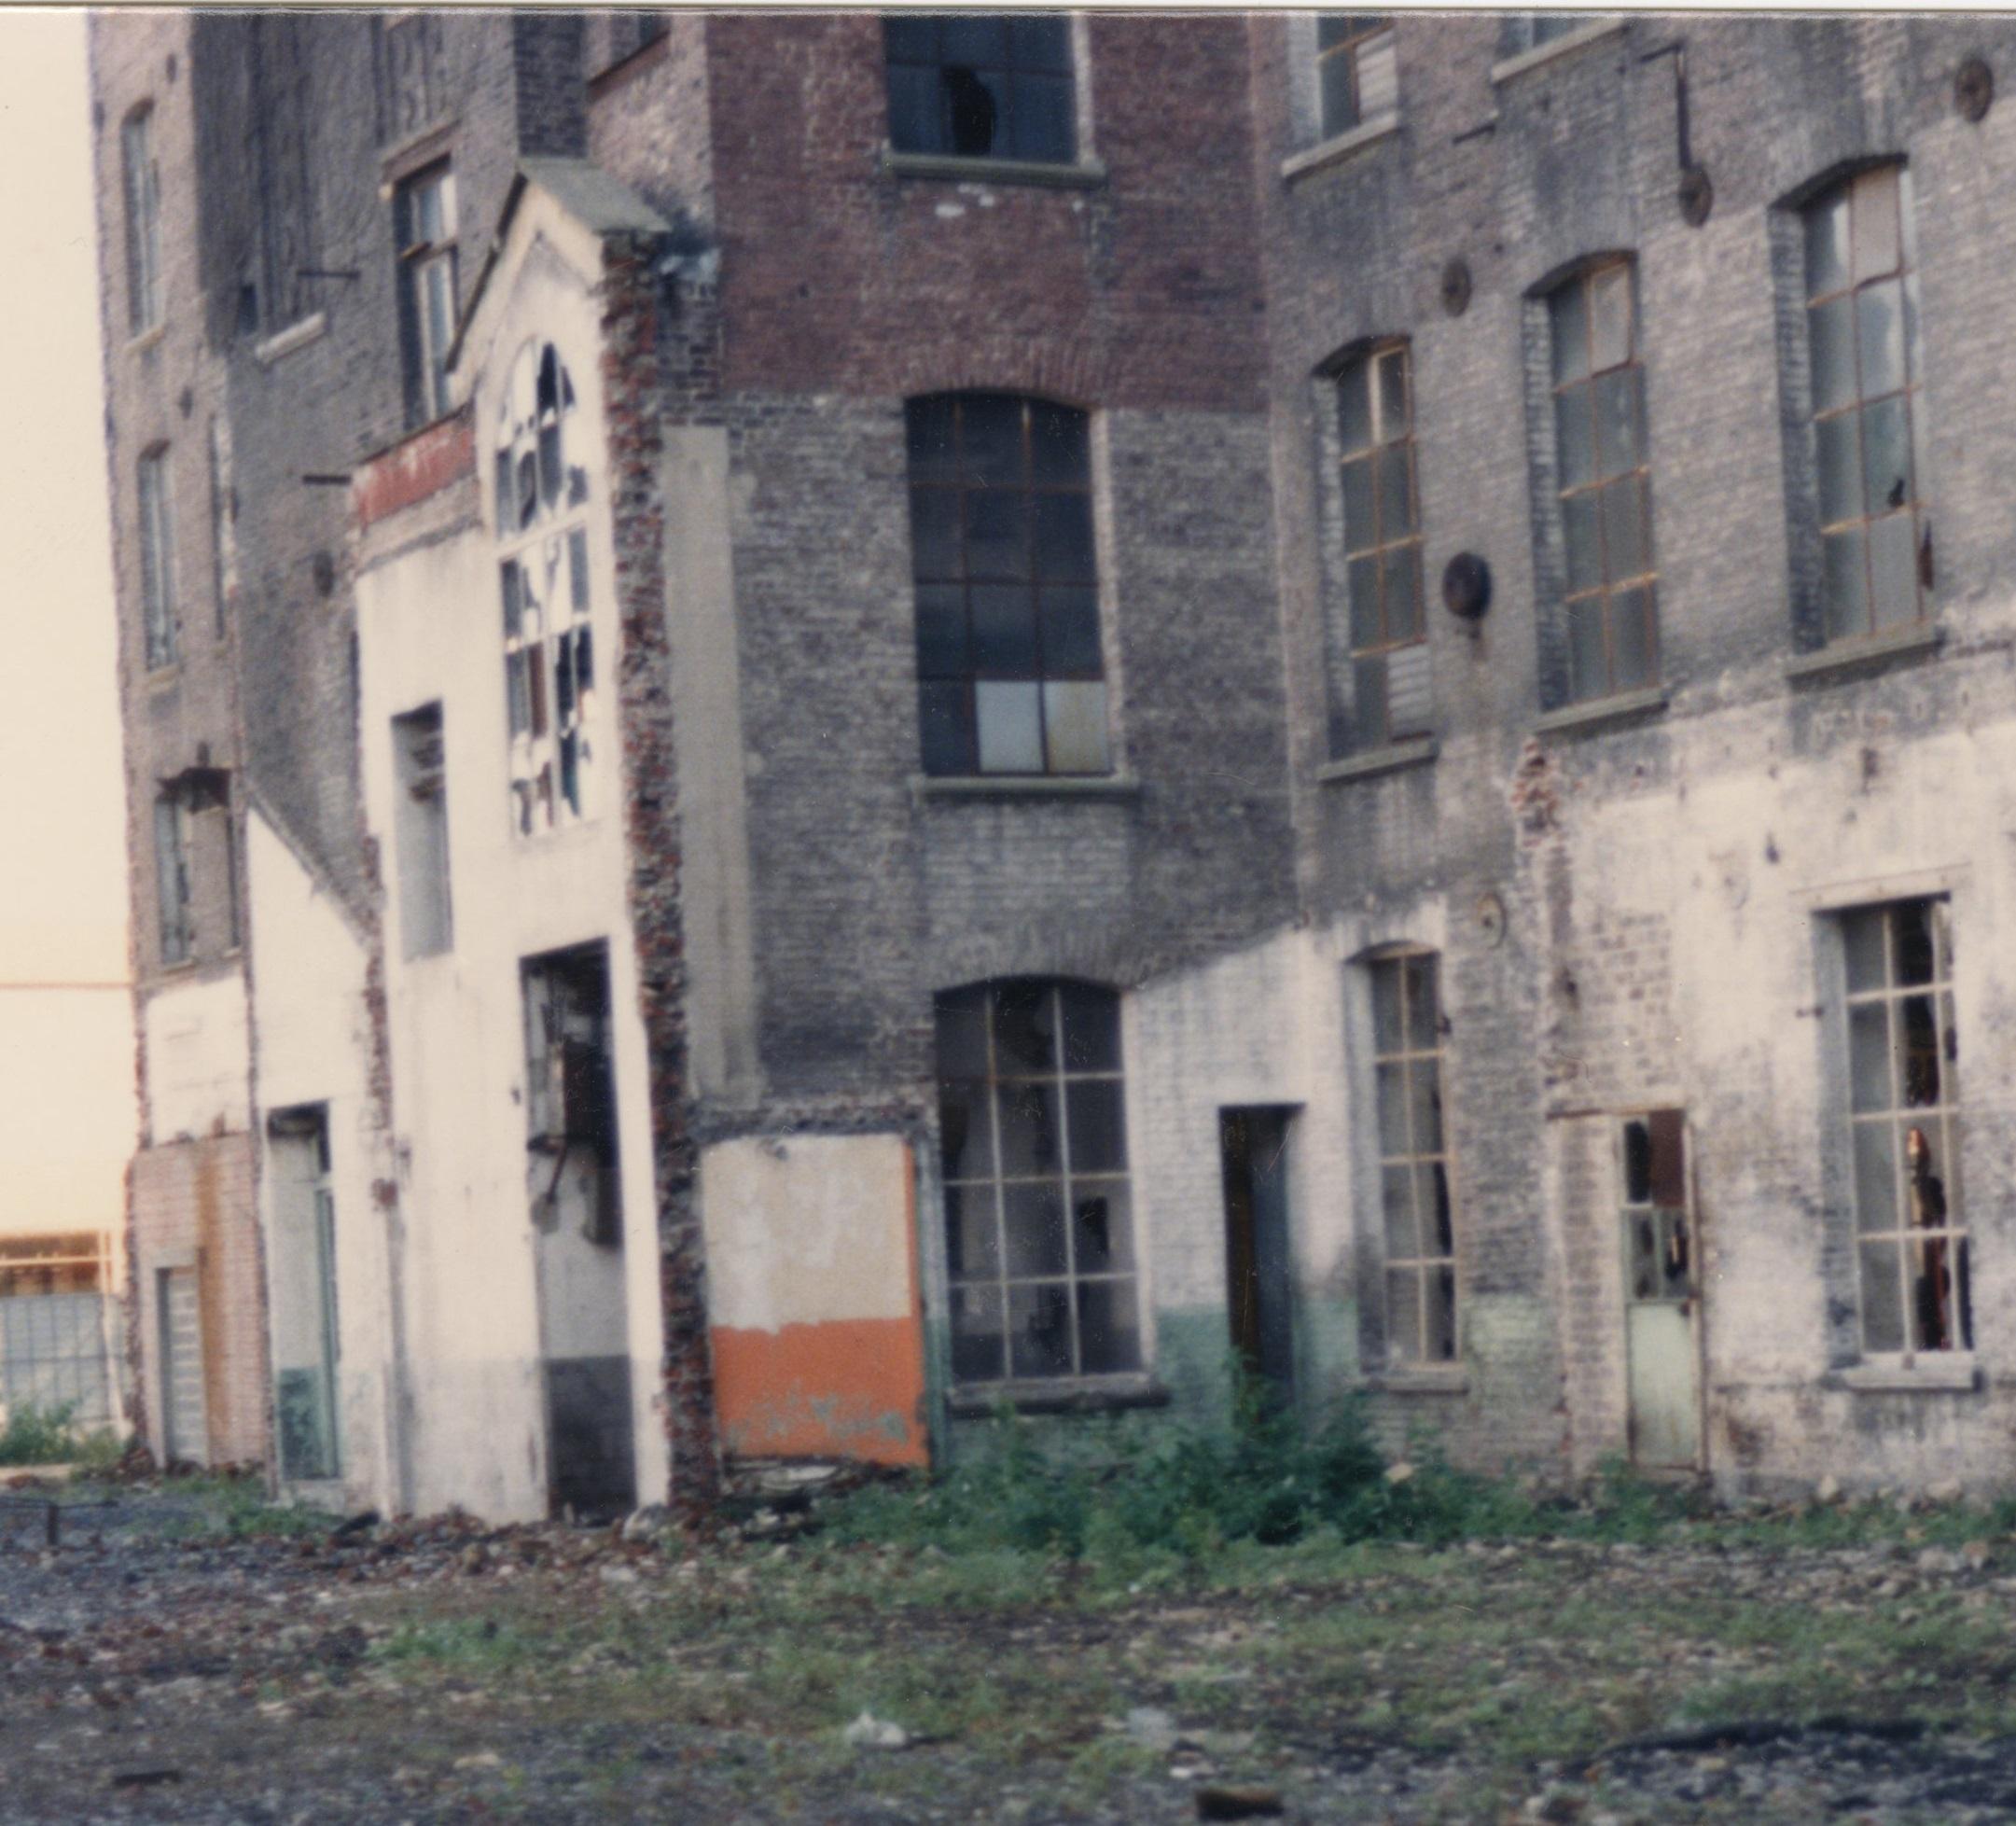 Photographie d'une façade de l'usine désaffectée, aux fenêtres cassées.